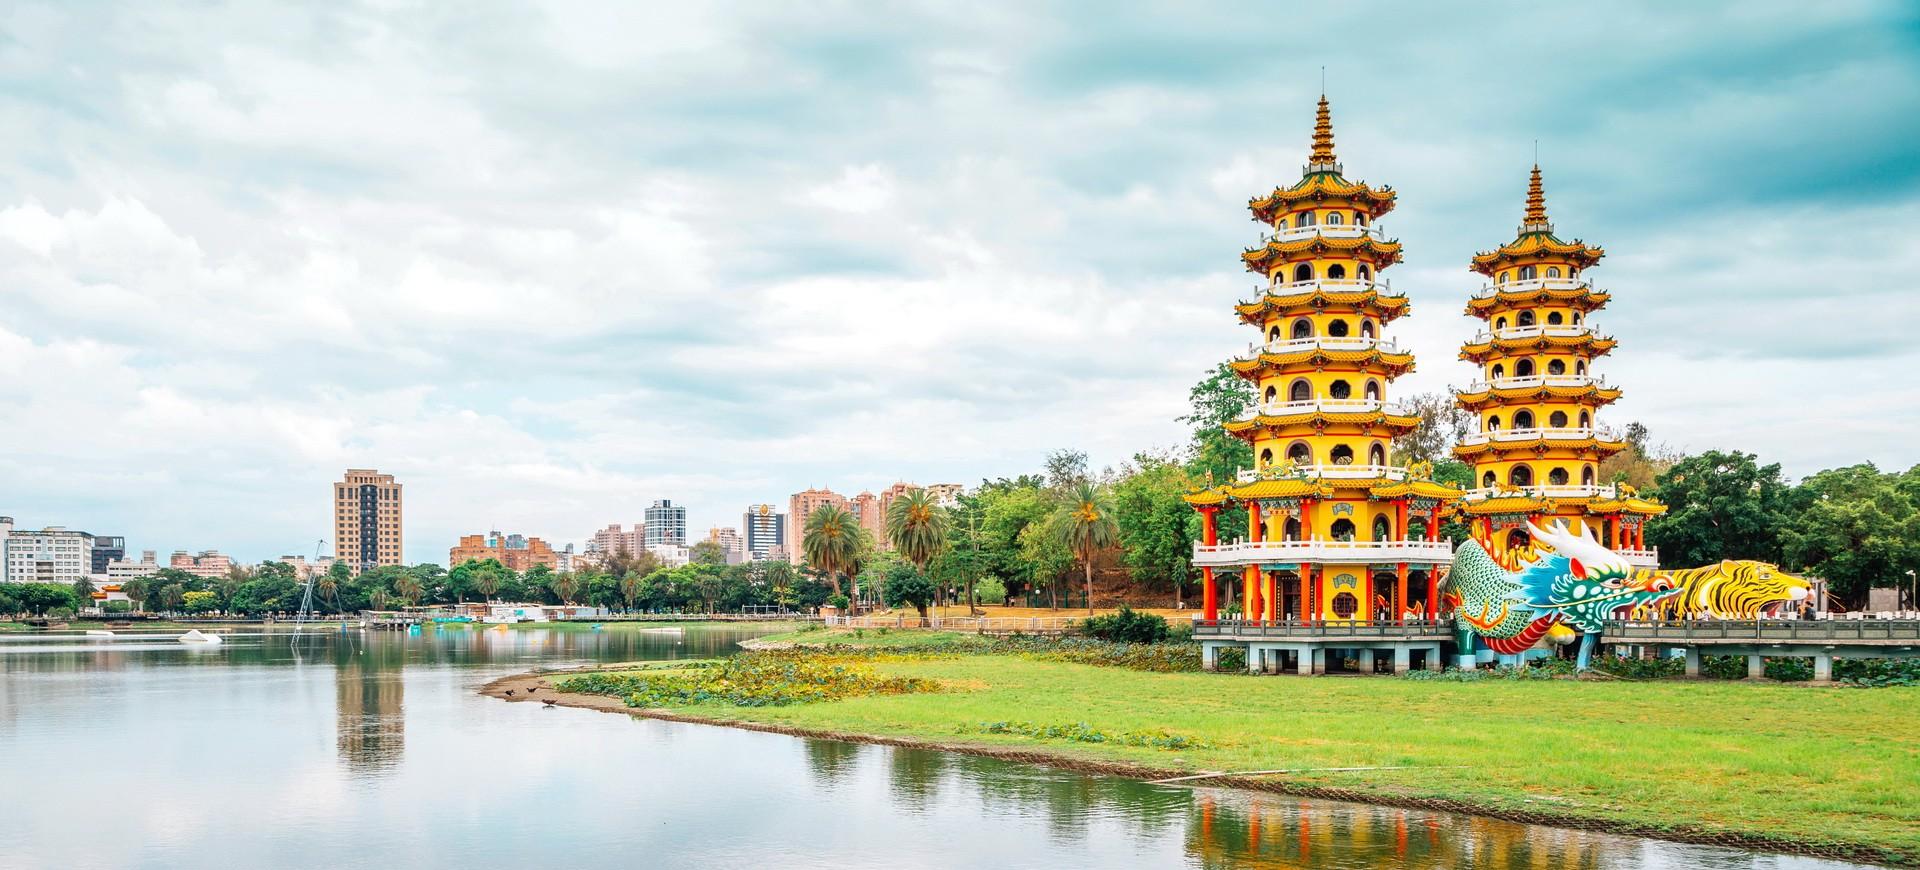 Taiwan Kaohsiung Tour de Dragon Tigre sur le lac Lotus